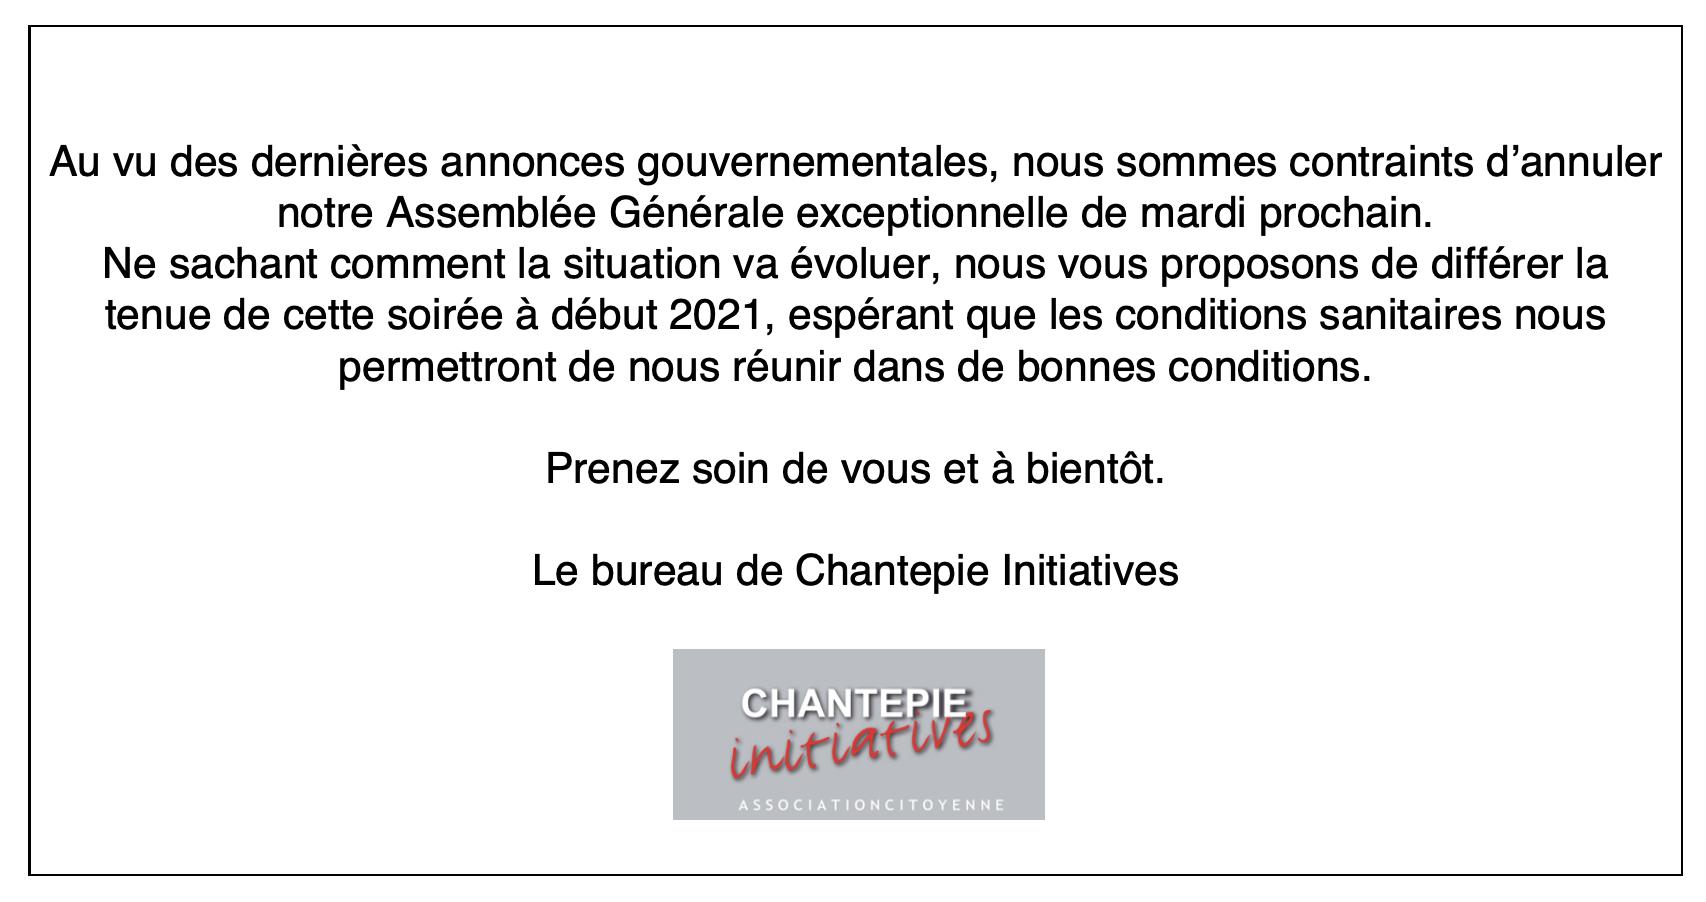 Annulation AG - 3.11.2020